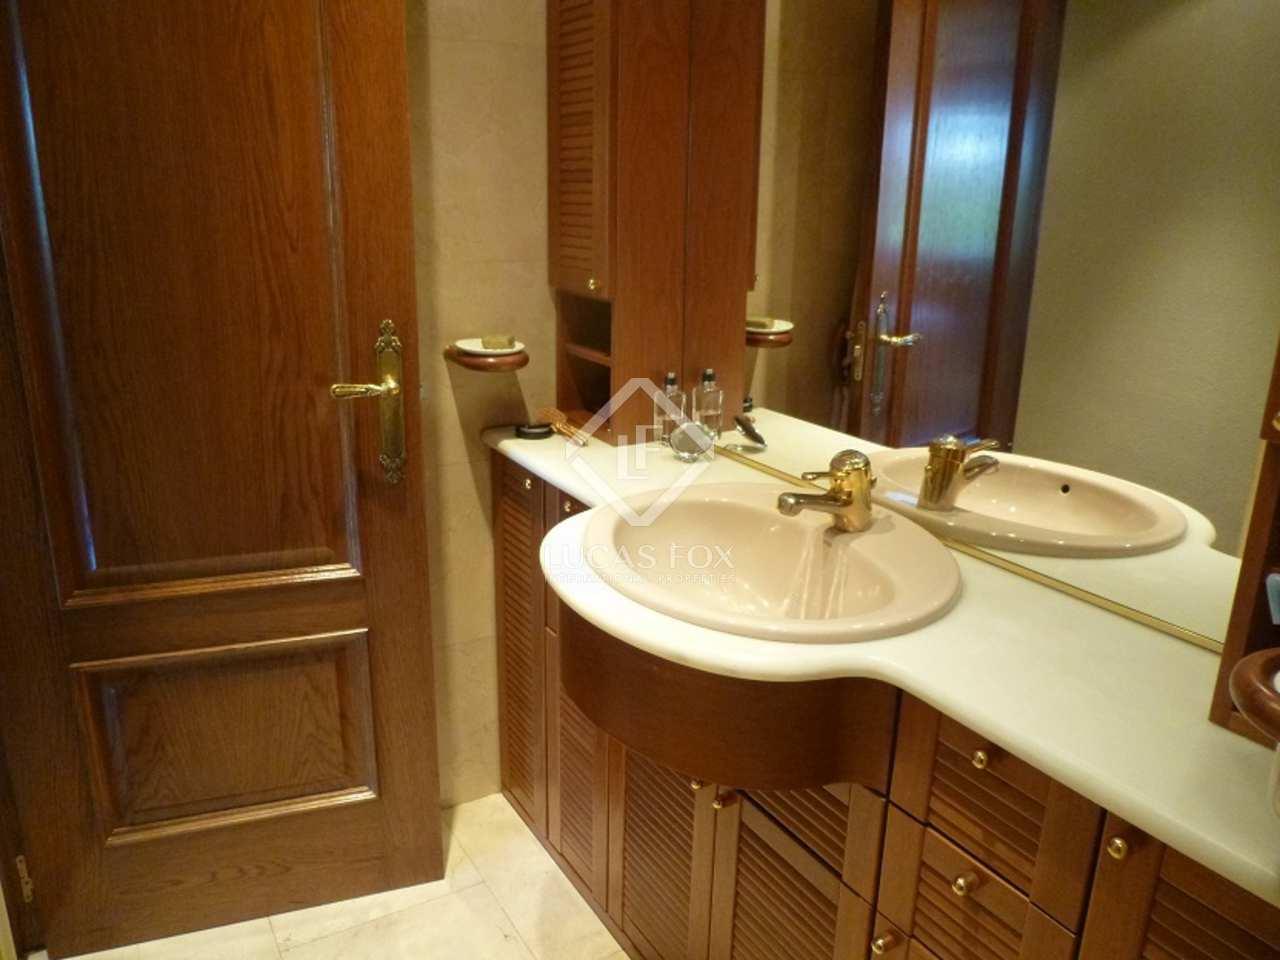 Apartment for sale in madrid 39 s retiro area for Bathrooms in retiro park